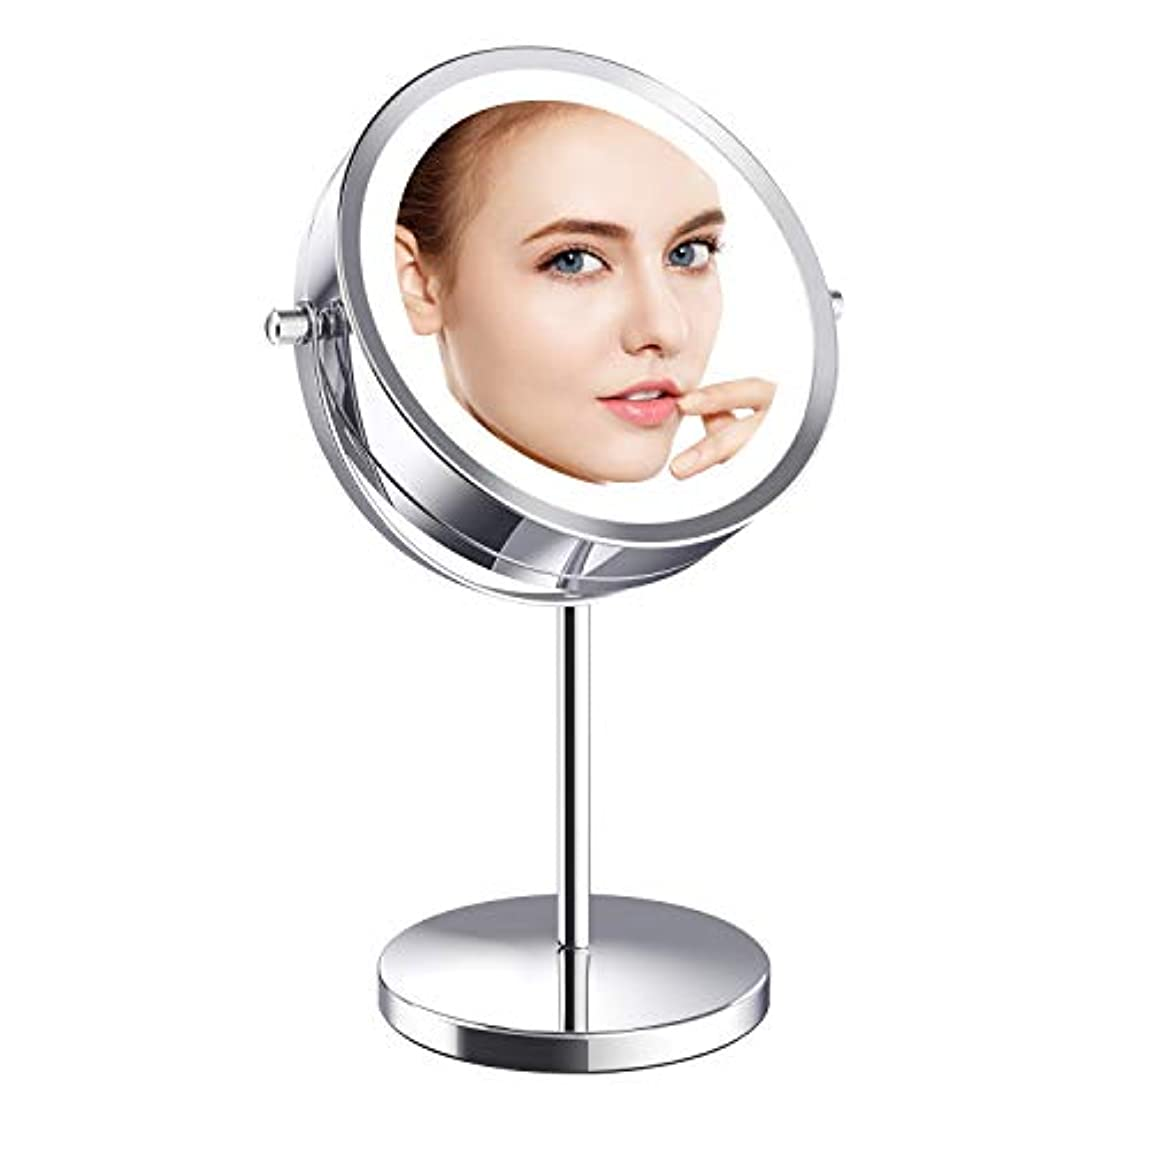 沿ってキリスト教恒久的Gospire 化粧鏡 10倍拡大鏡+等倍鏡 LED卓上化粧鏡 メイクミラー 両面型 360度回転式 日本語説明書付き ライティングミラー プレゼント